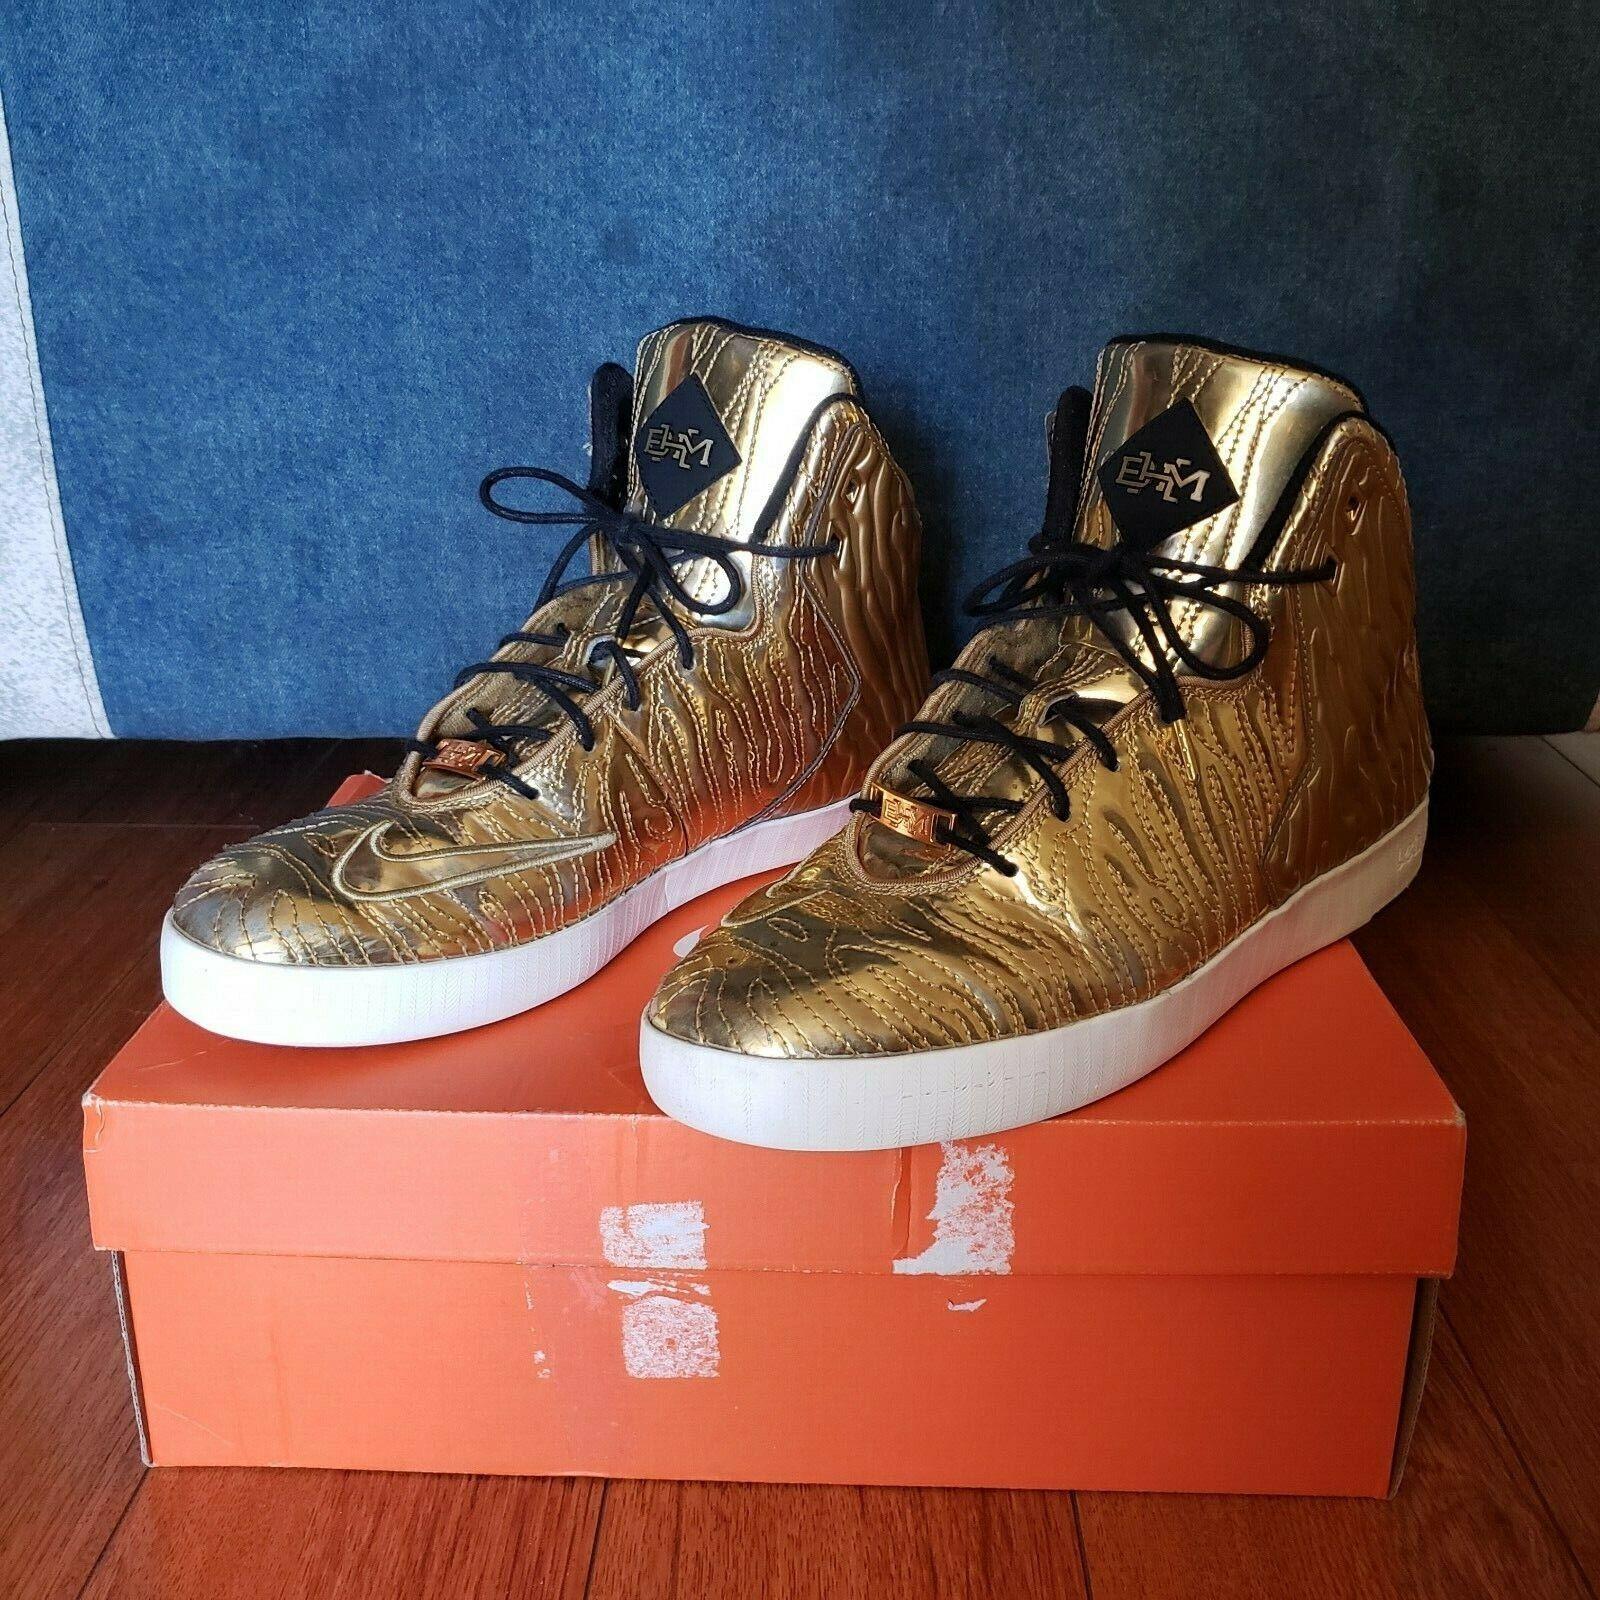 Nike Lebron XI NSW Lifestyle BHM QS 2014 Sz 10 Metallic gold